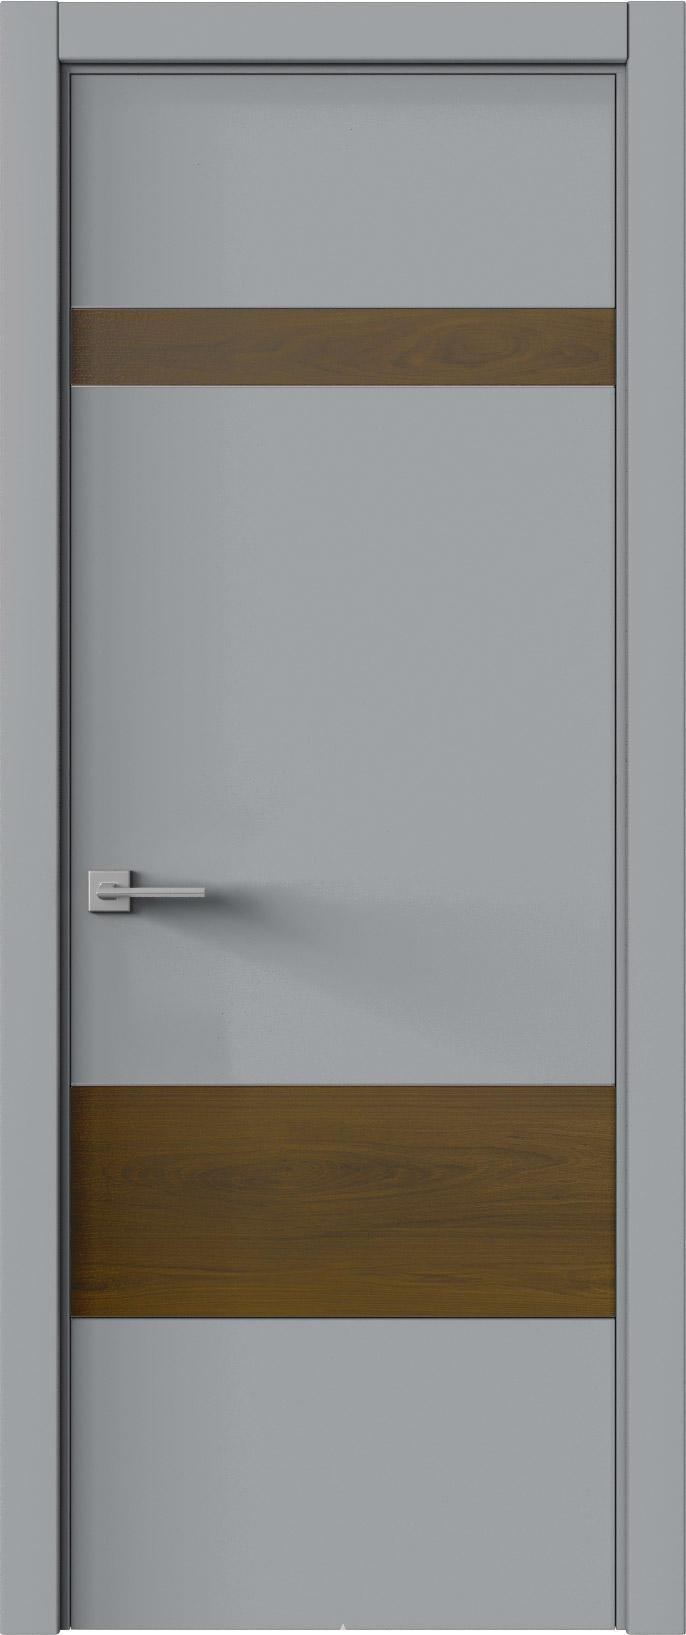 Tivoli К-4 цвет - Серебристо-серая эмаль (RAL 7045) Без стекла (ДГ)